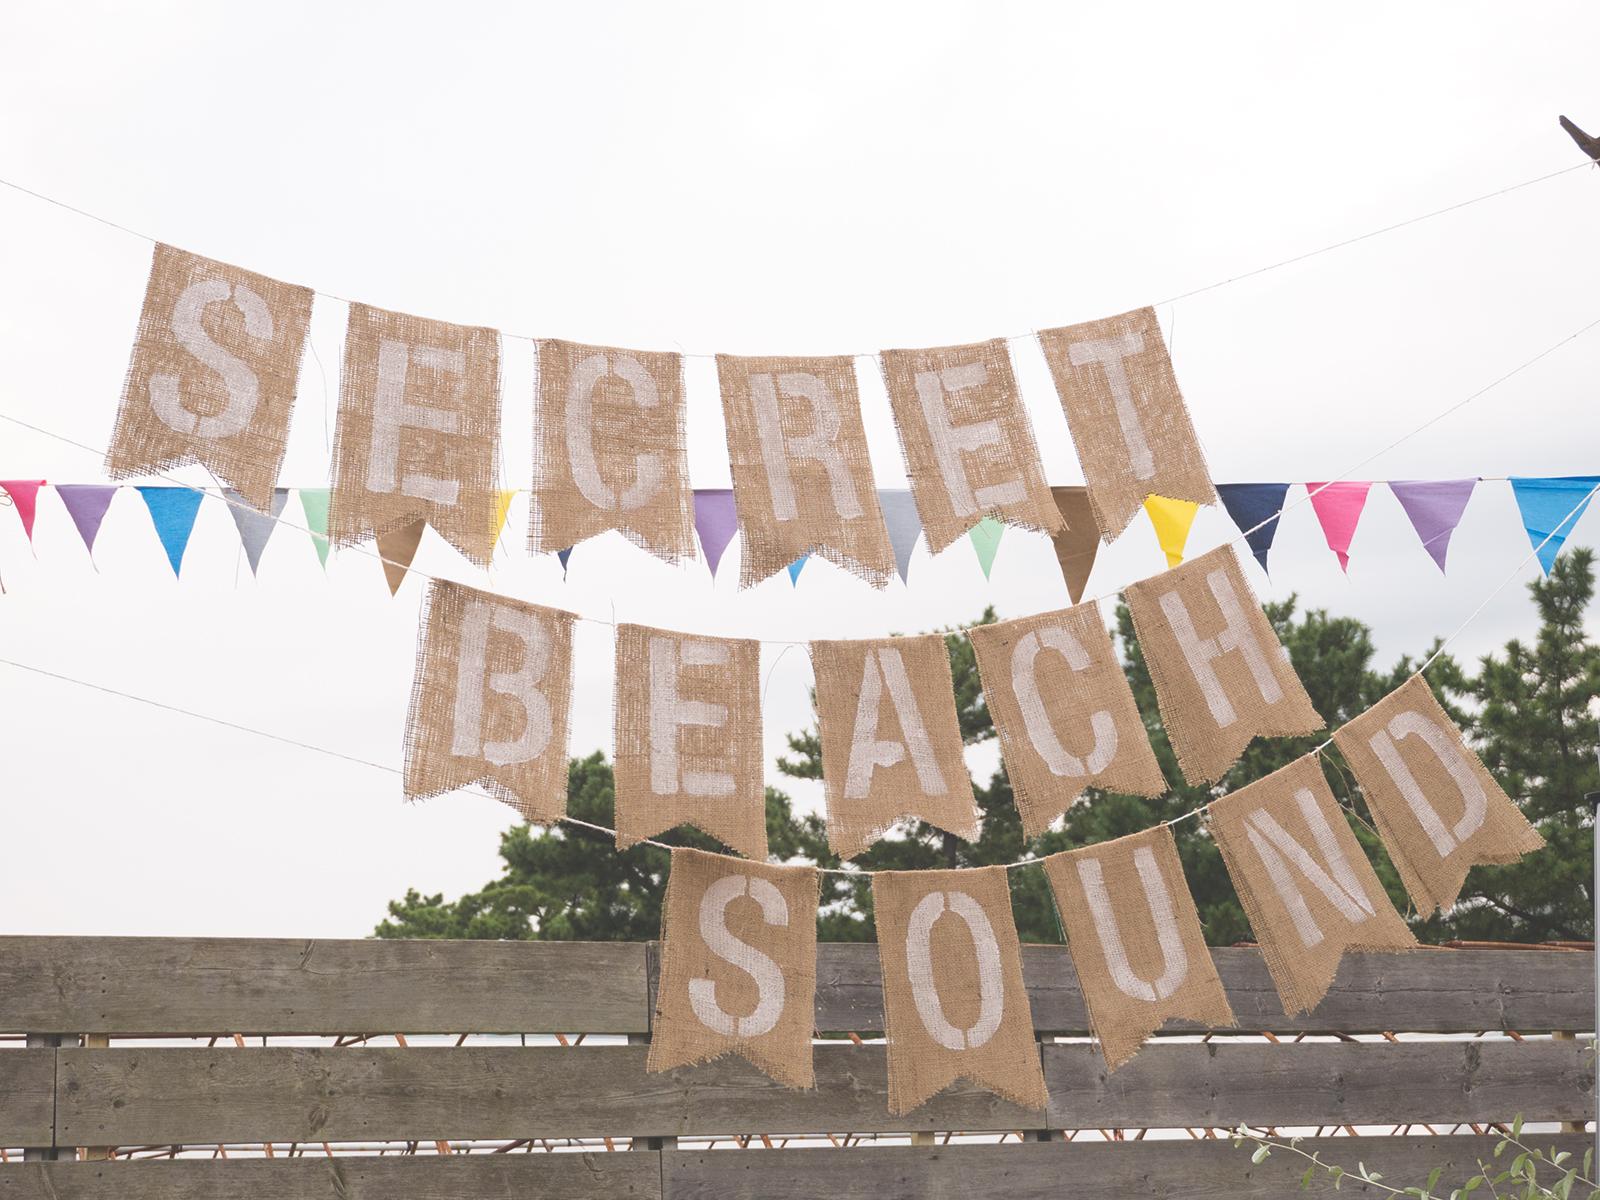 布に好きな文字をステンシル!時短でできる簡単ガーランドの作り方<br>|by ARCH DAYS 編集部